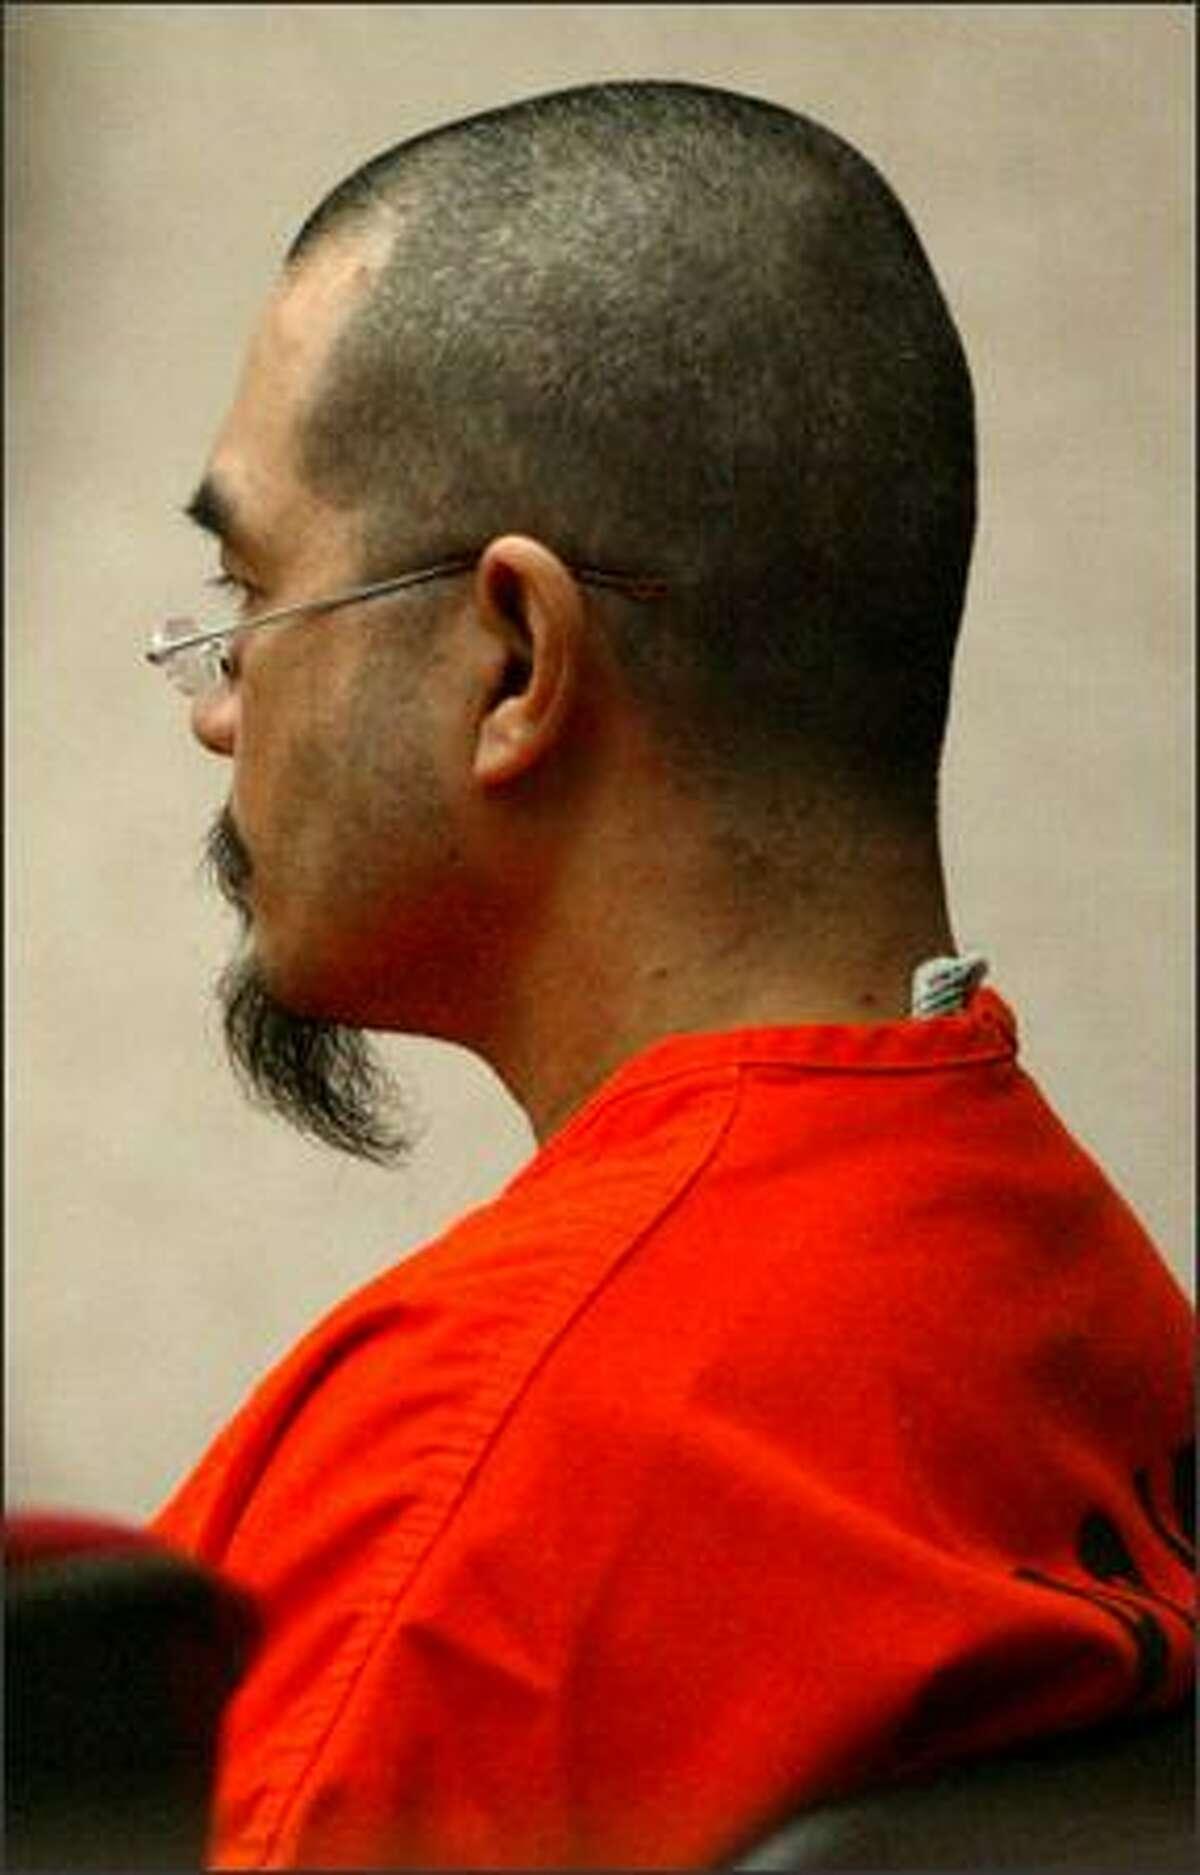 Terapon Adhahn sits motionless during sentencing.